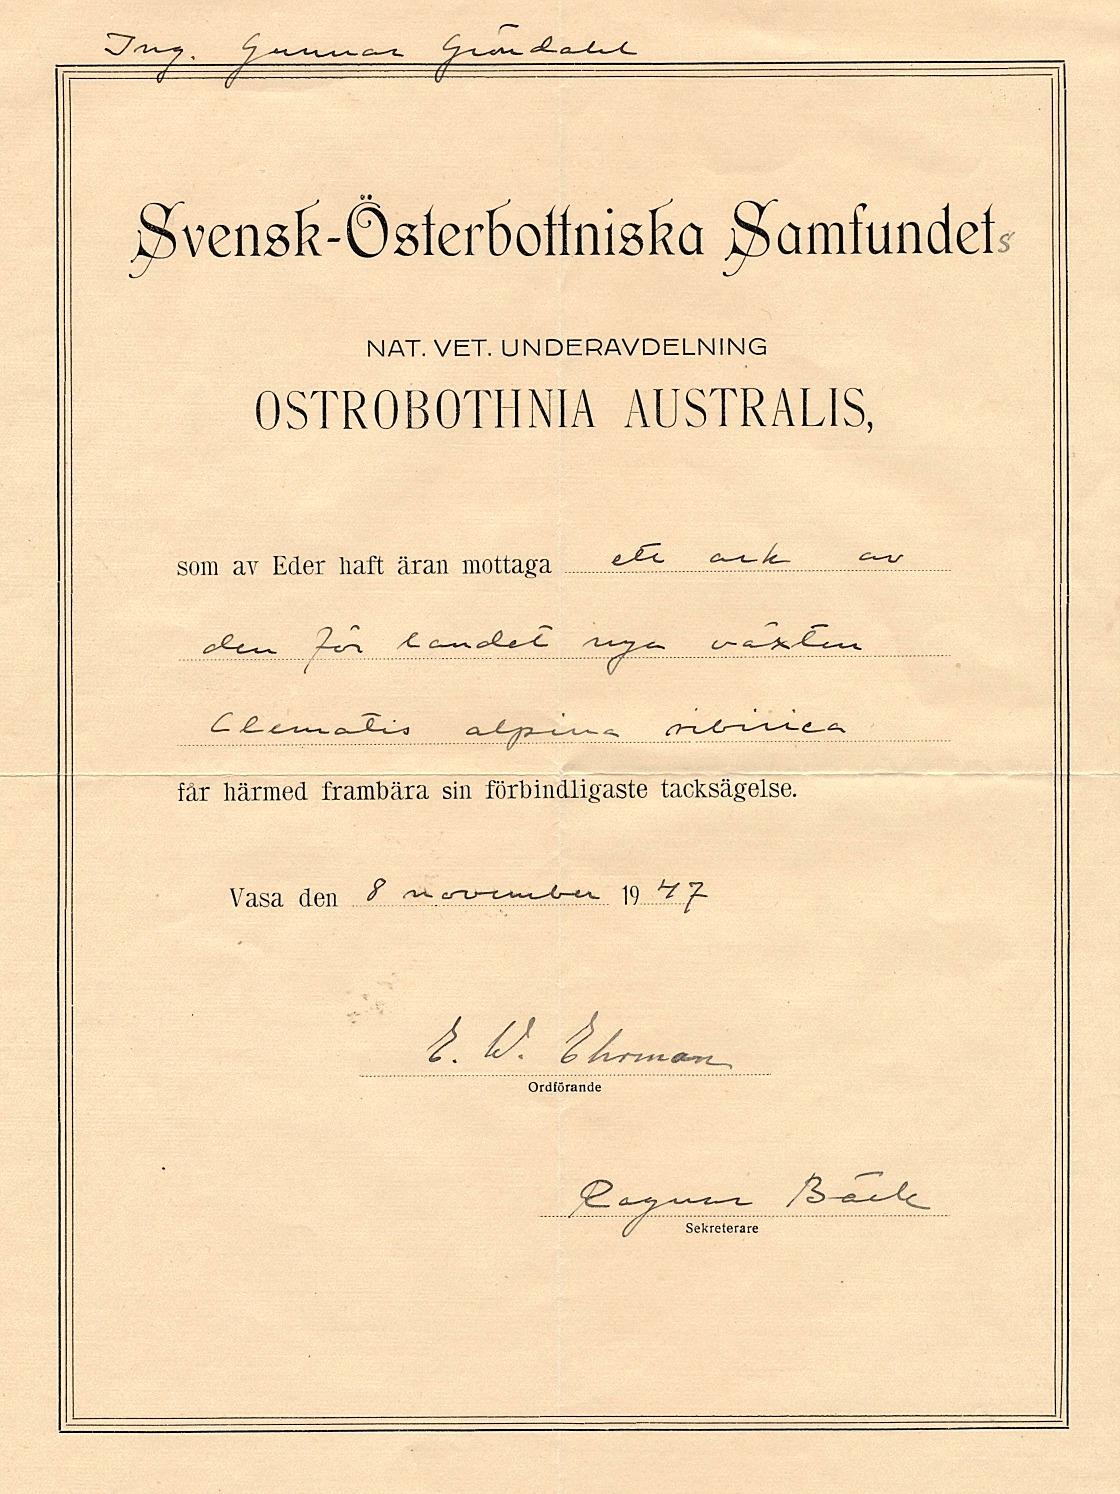 I november 1947 fick Gunnar Gröndahl detta diplom för fyndet av den unika sibiriska sipprankan.